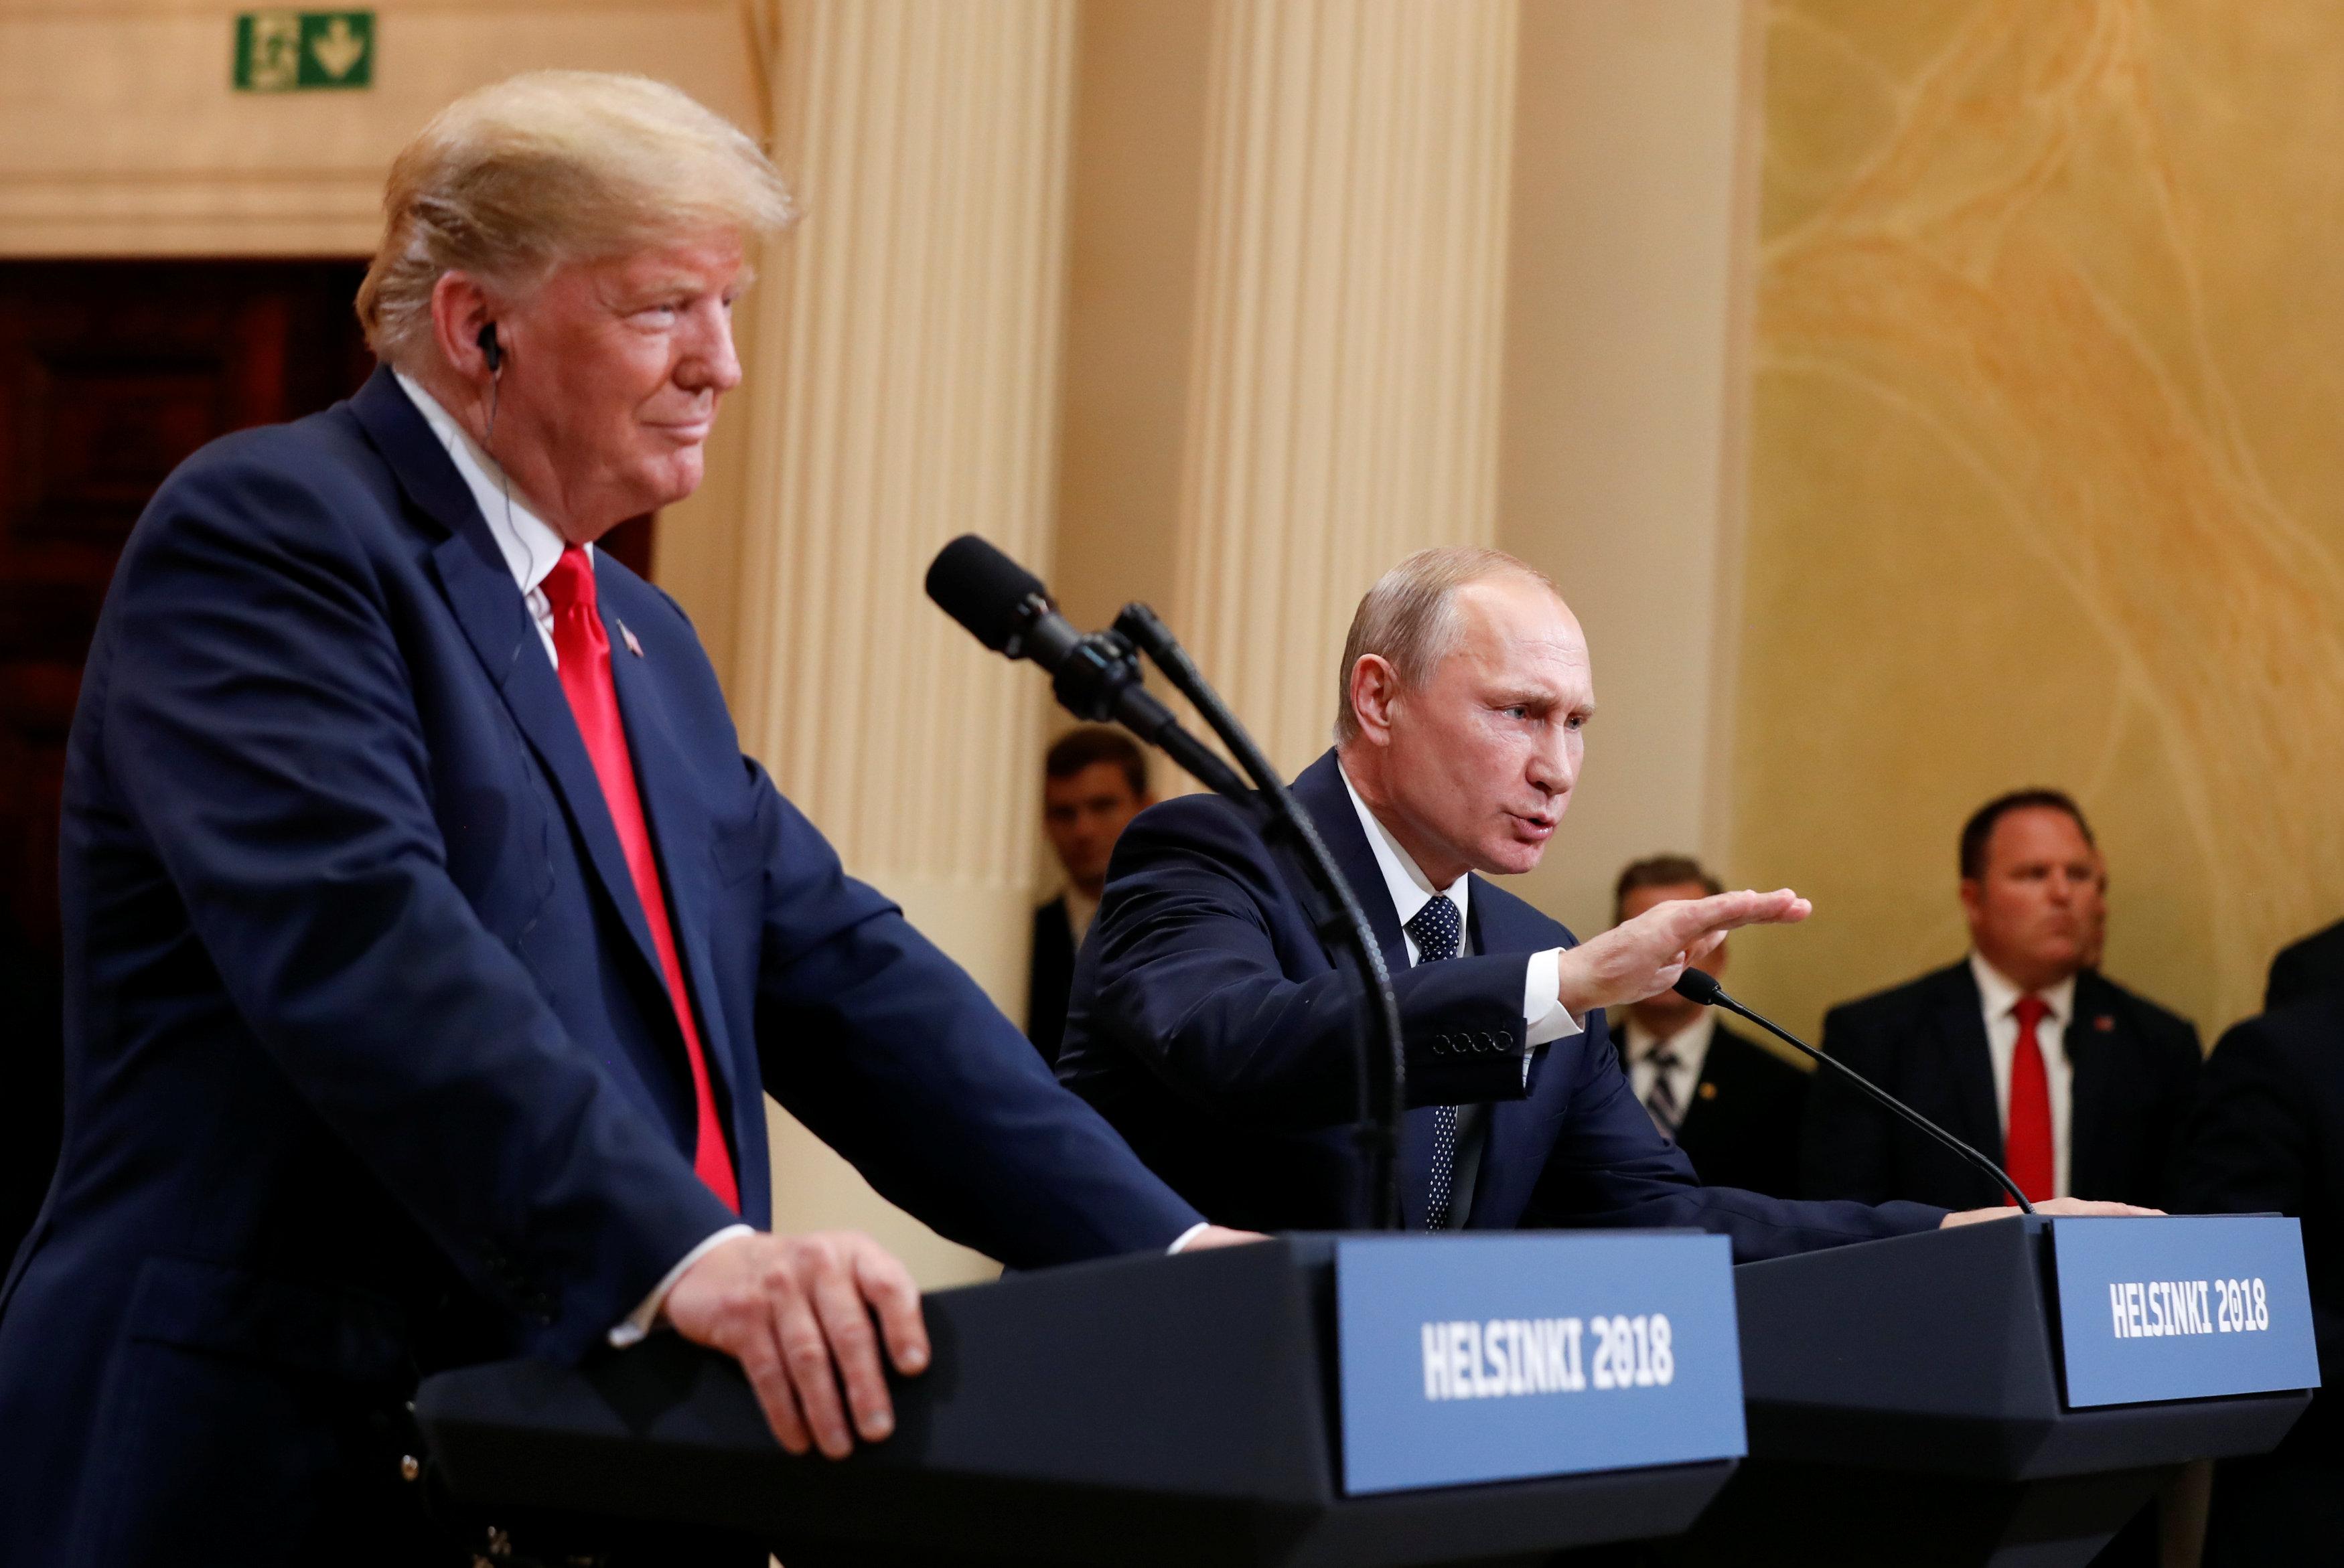 Болтон сообщил, что Дональд Трамп пригласил Владимира Путина посетить Вашингтон в 2019-м